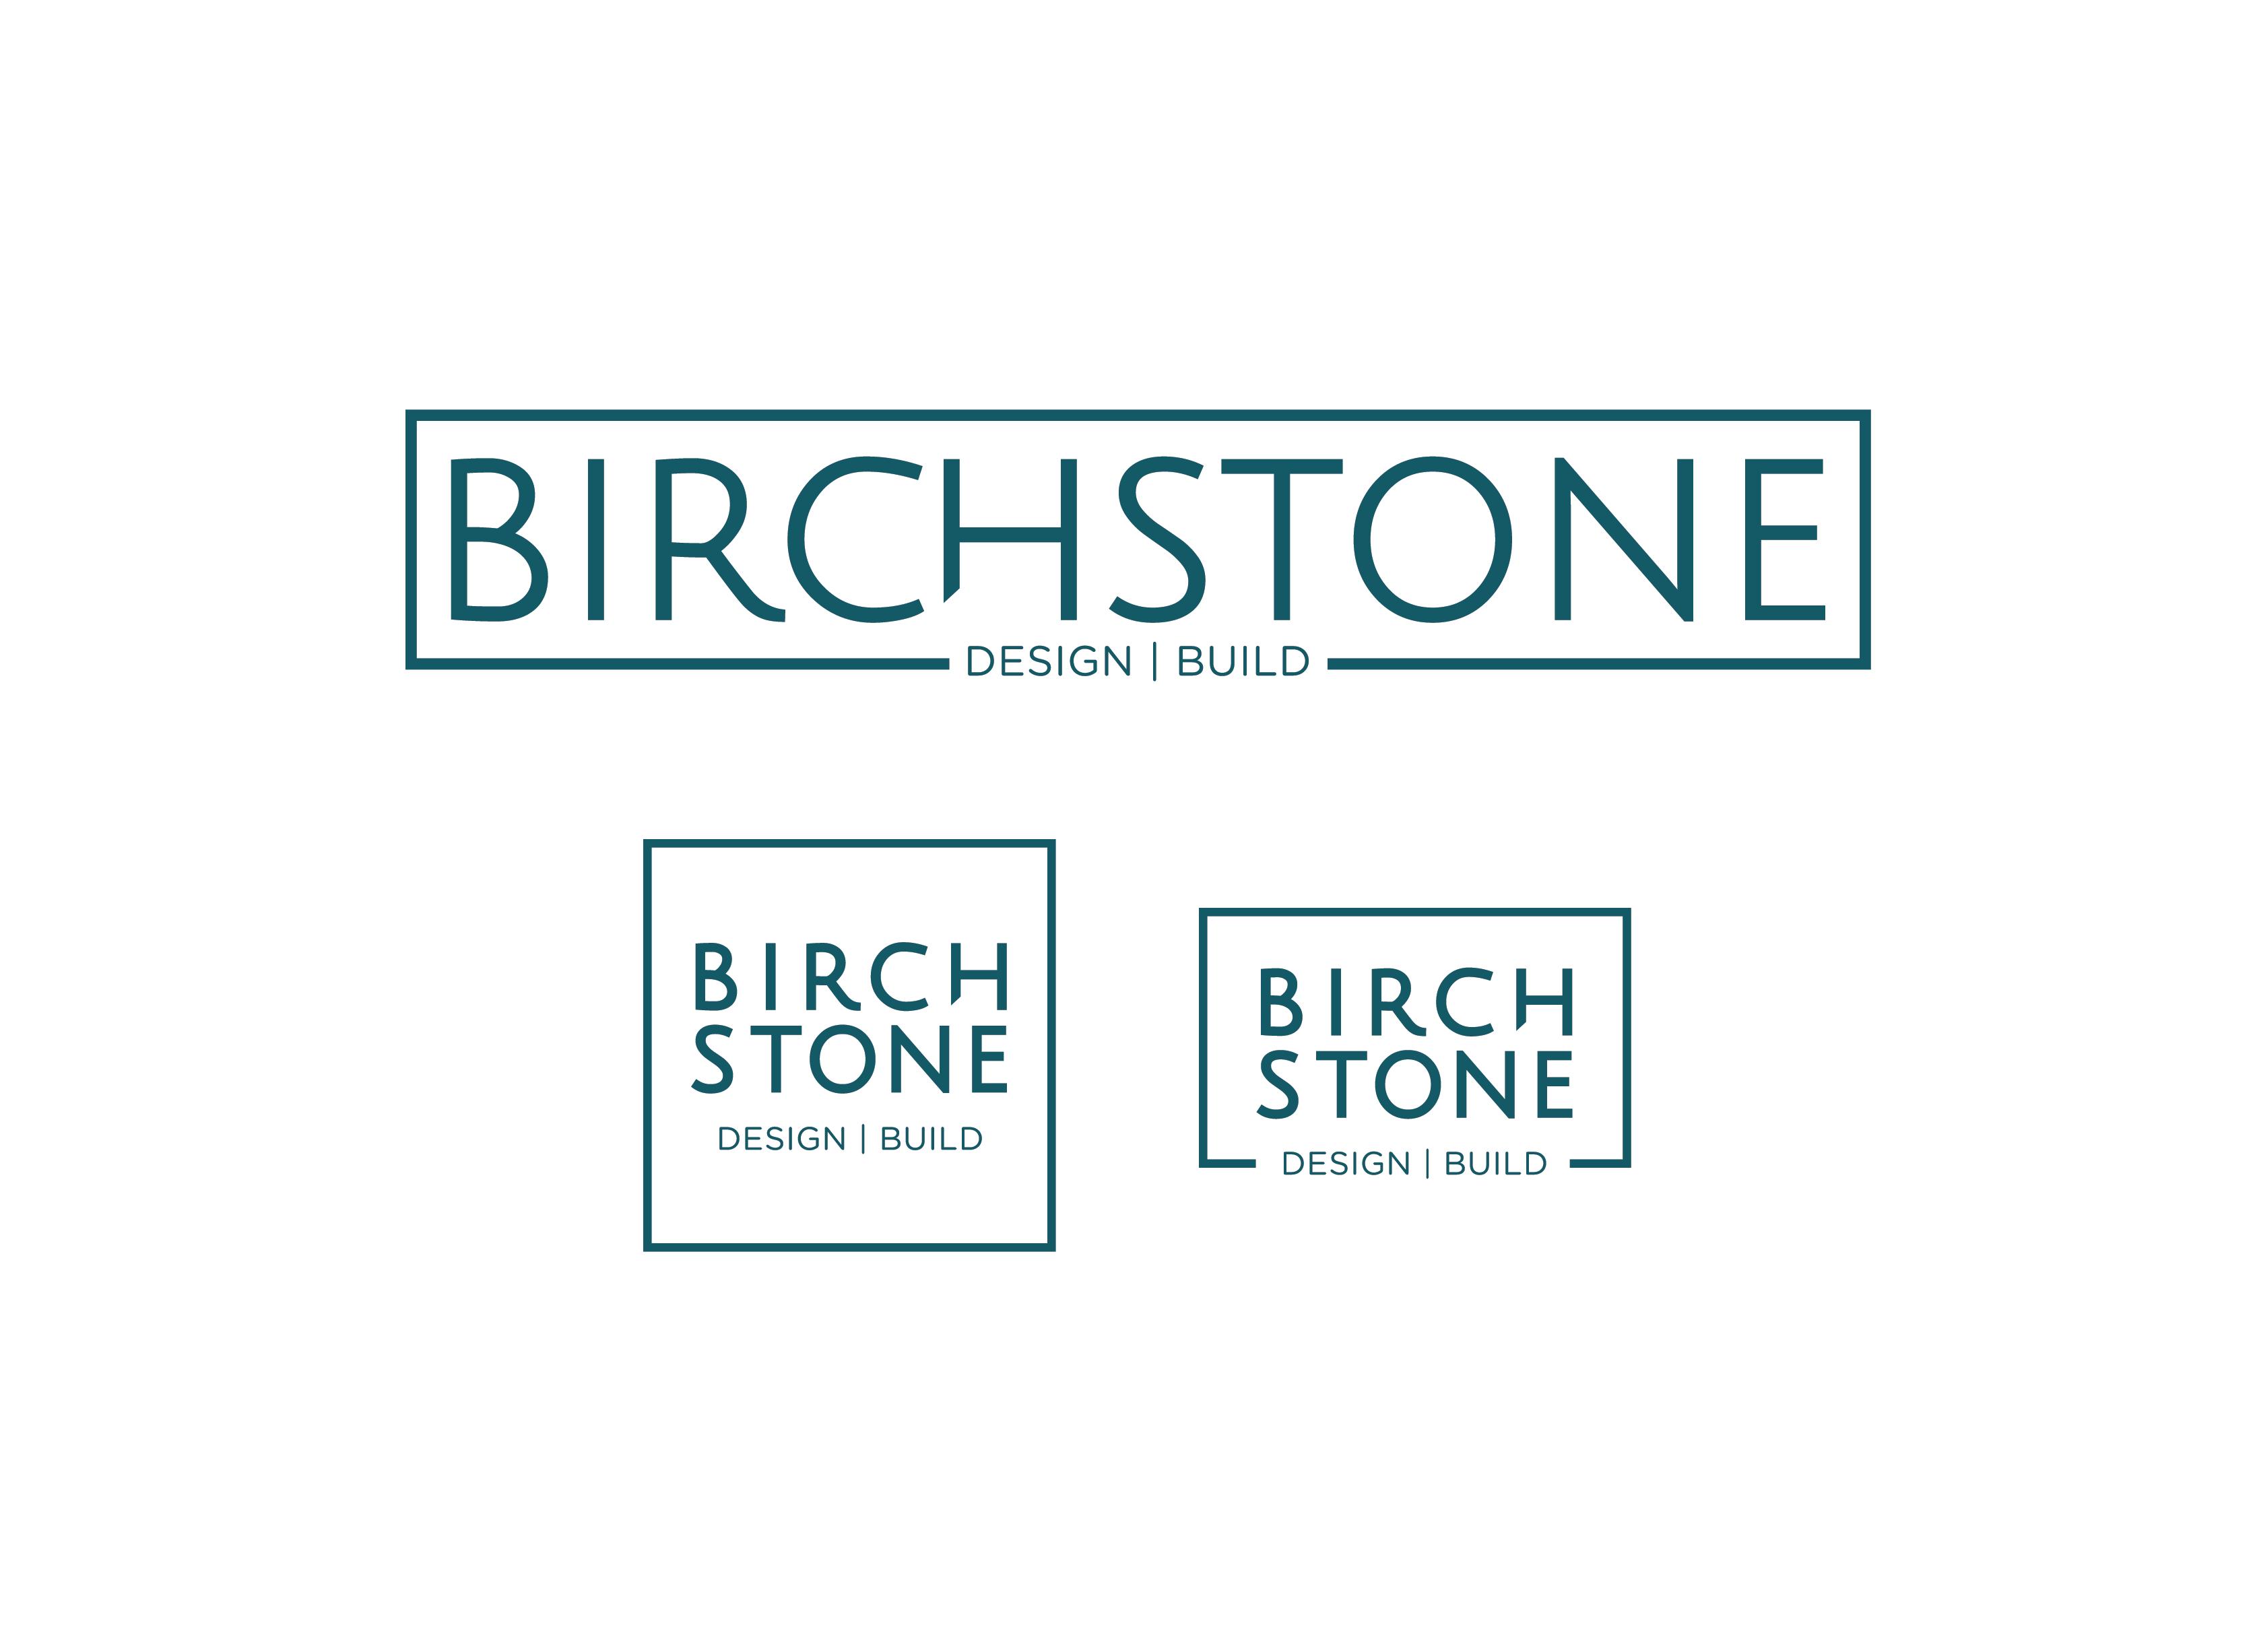 Birchstone_1679x1232